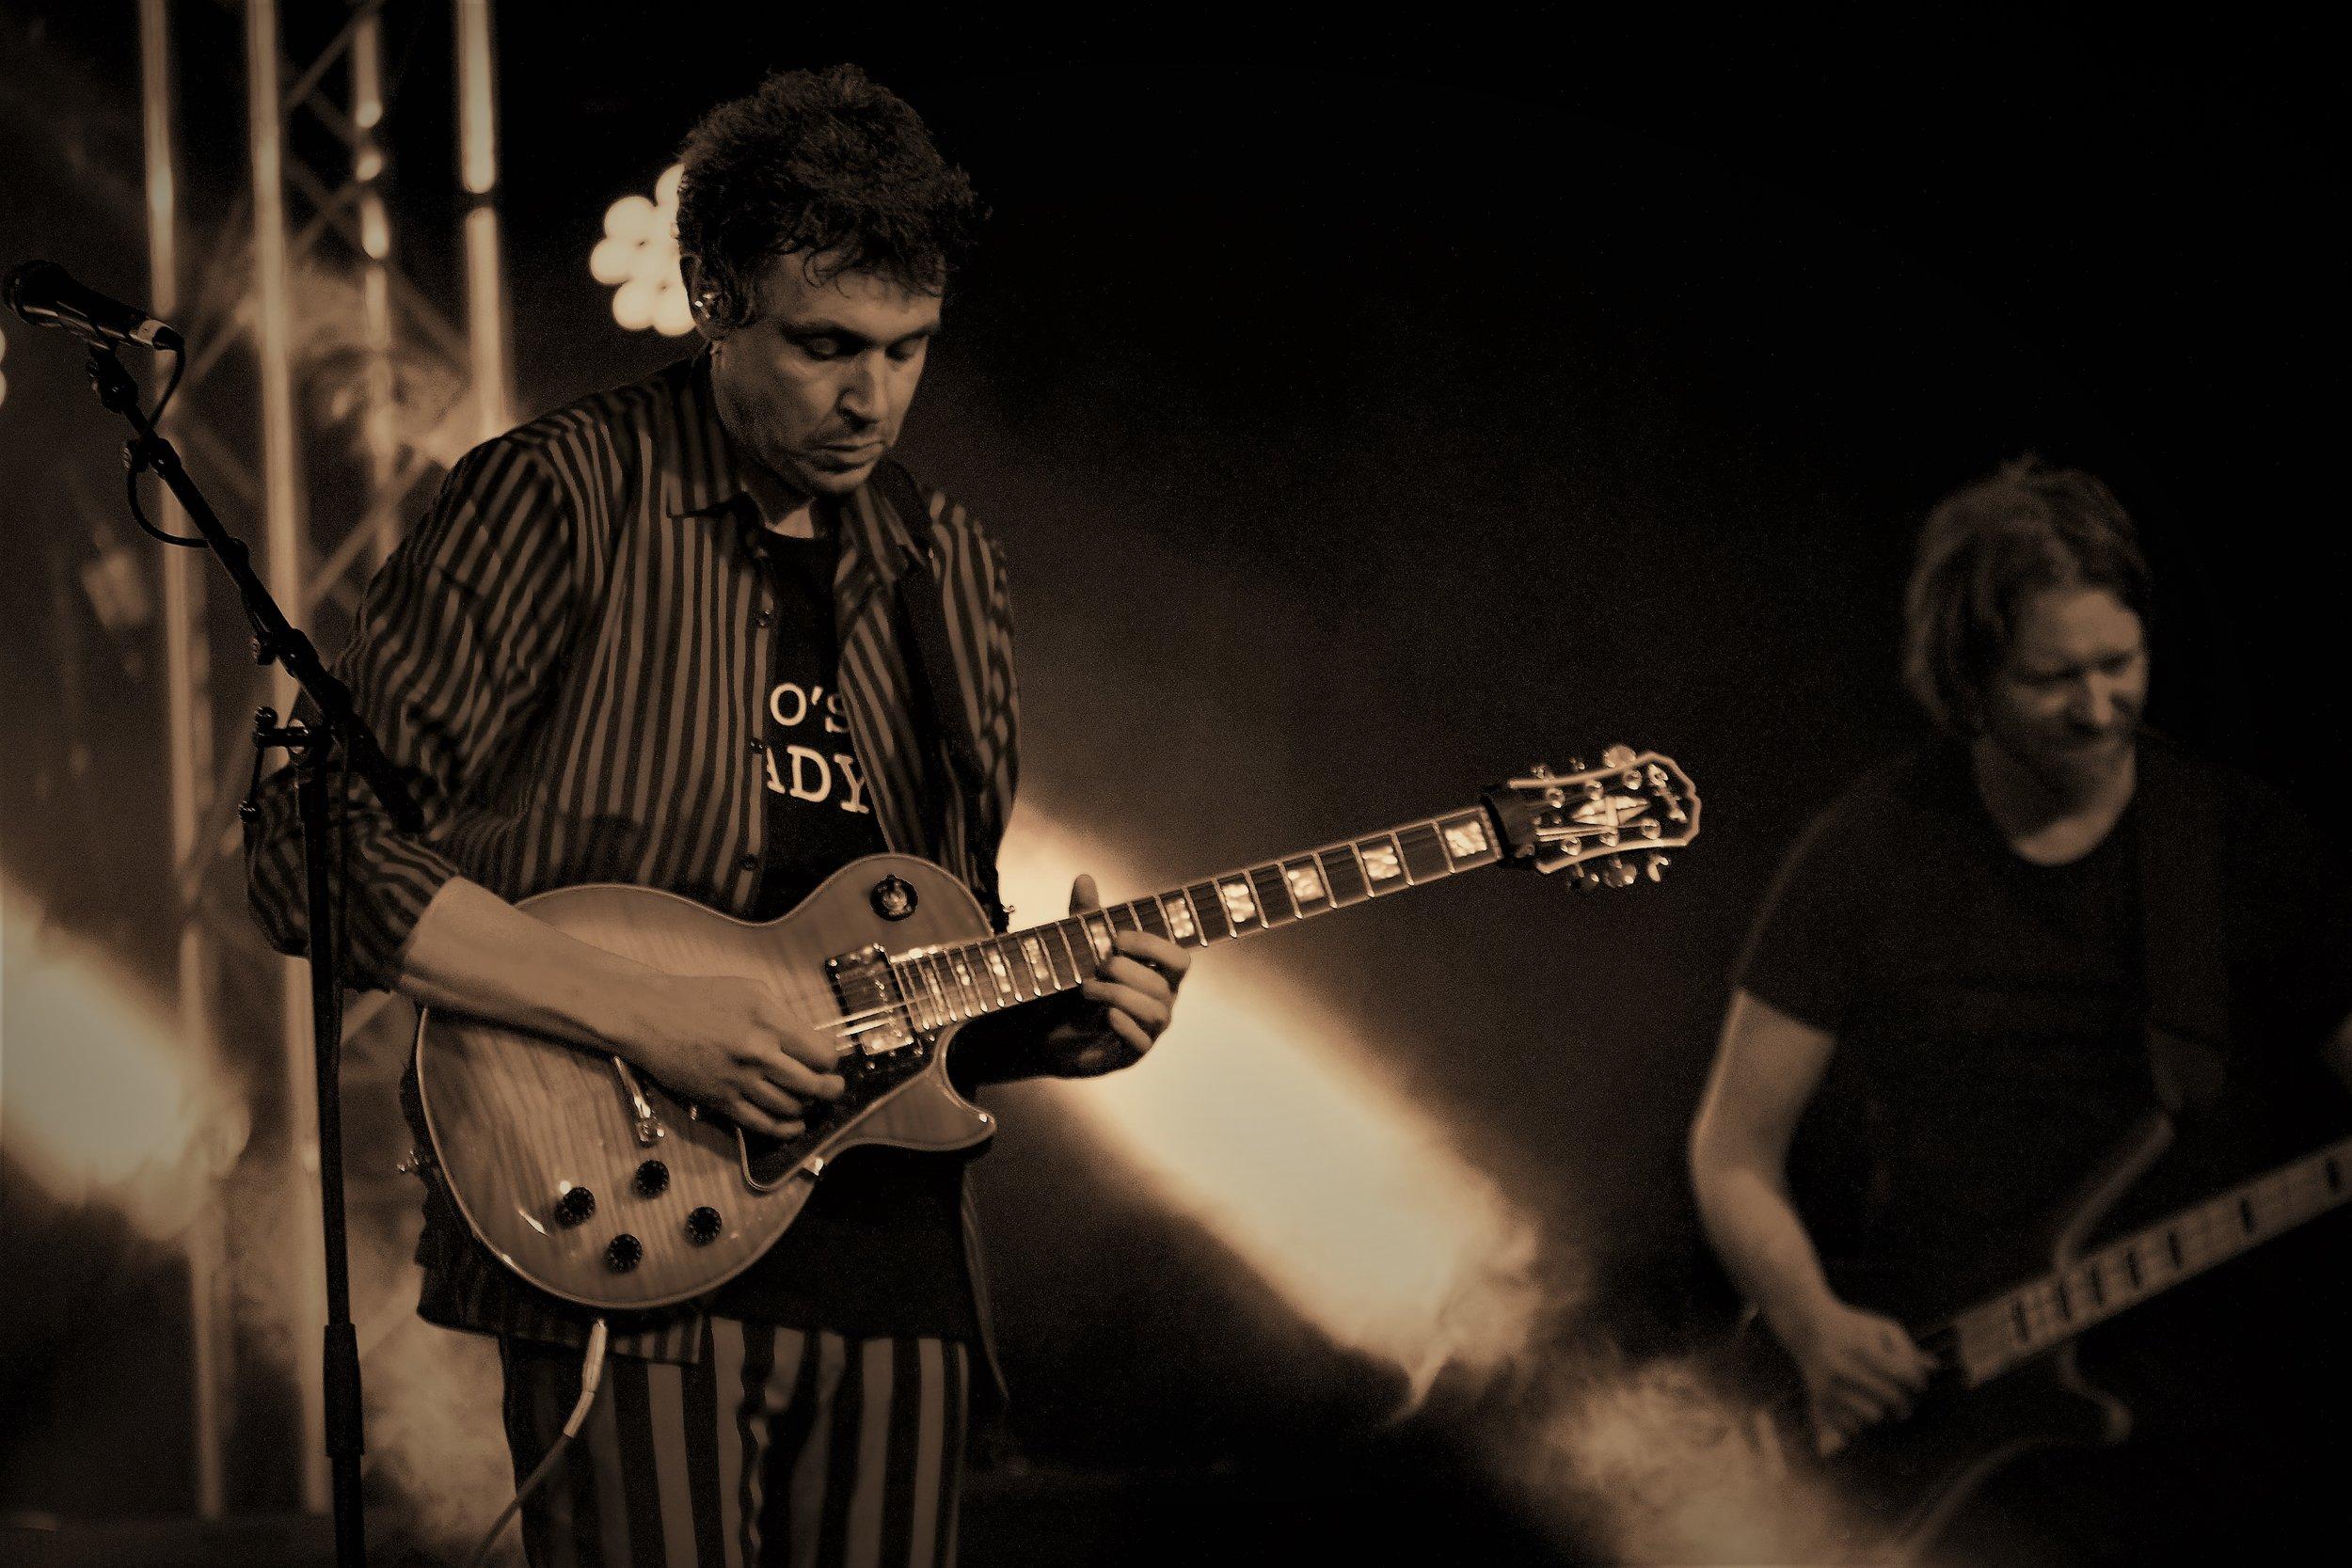 Photo by Stan Siarkiewicz